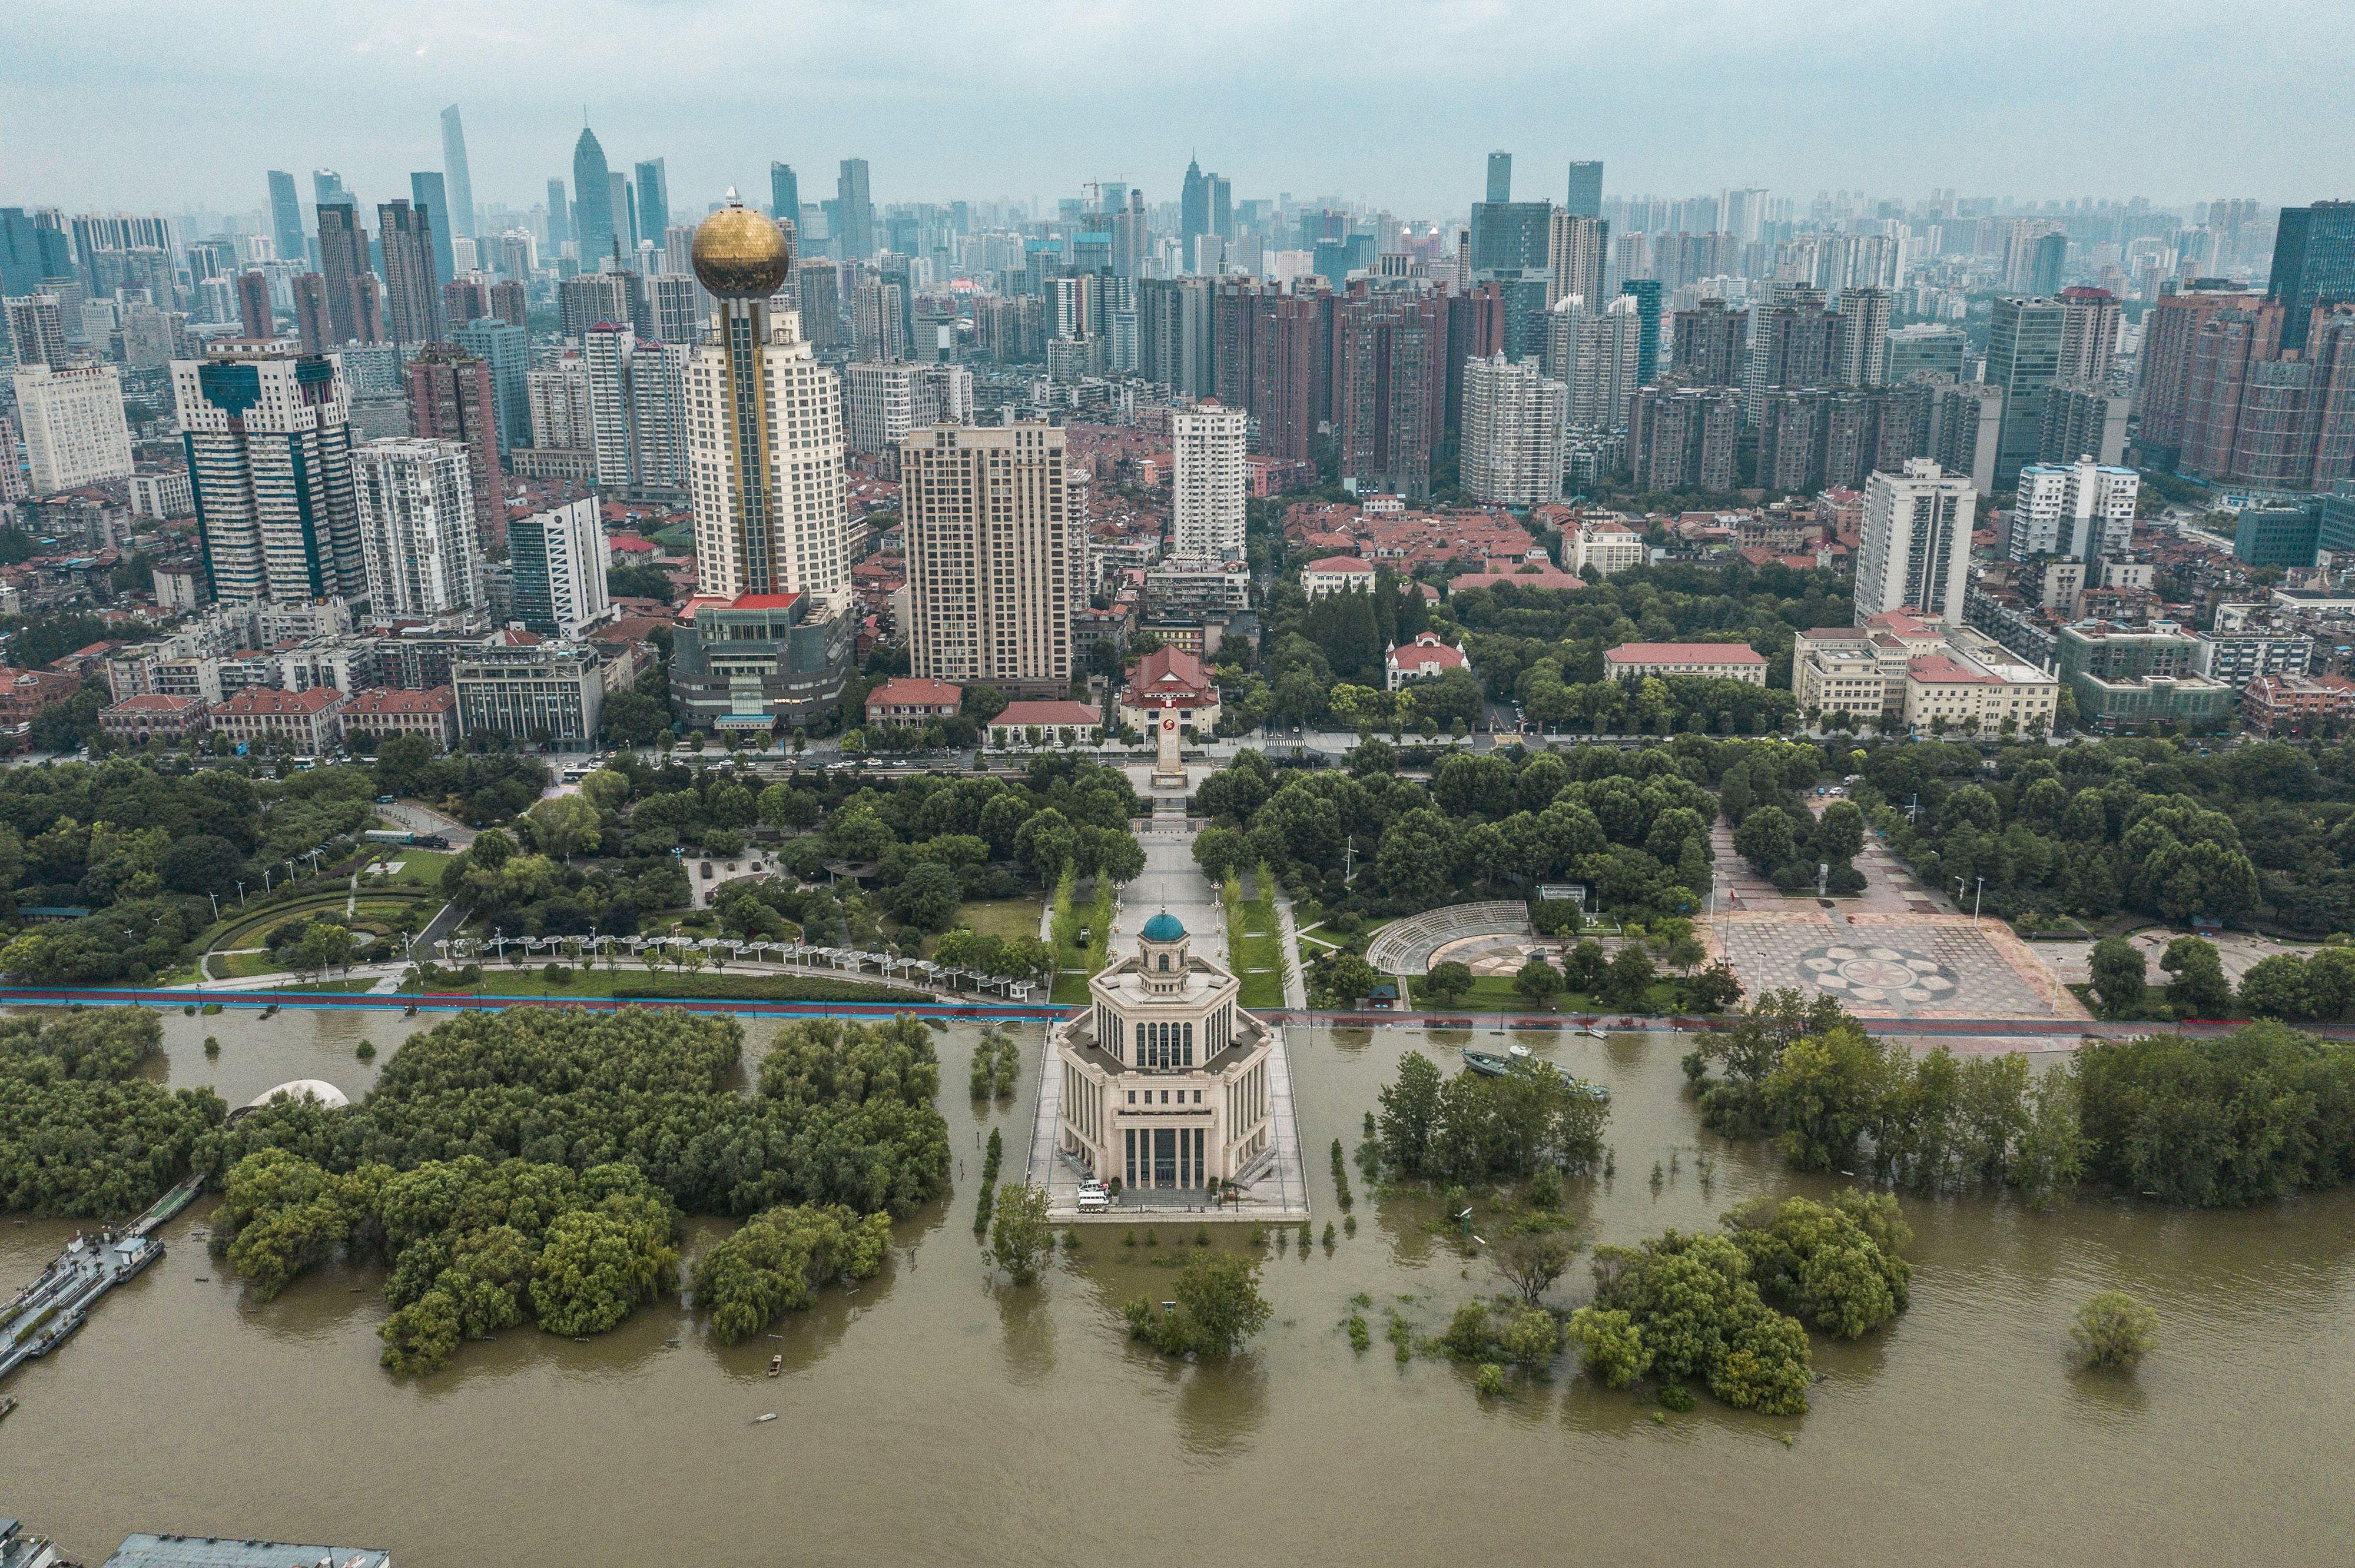 組圖:長江水位超過警戒 中國南部多處洪災